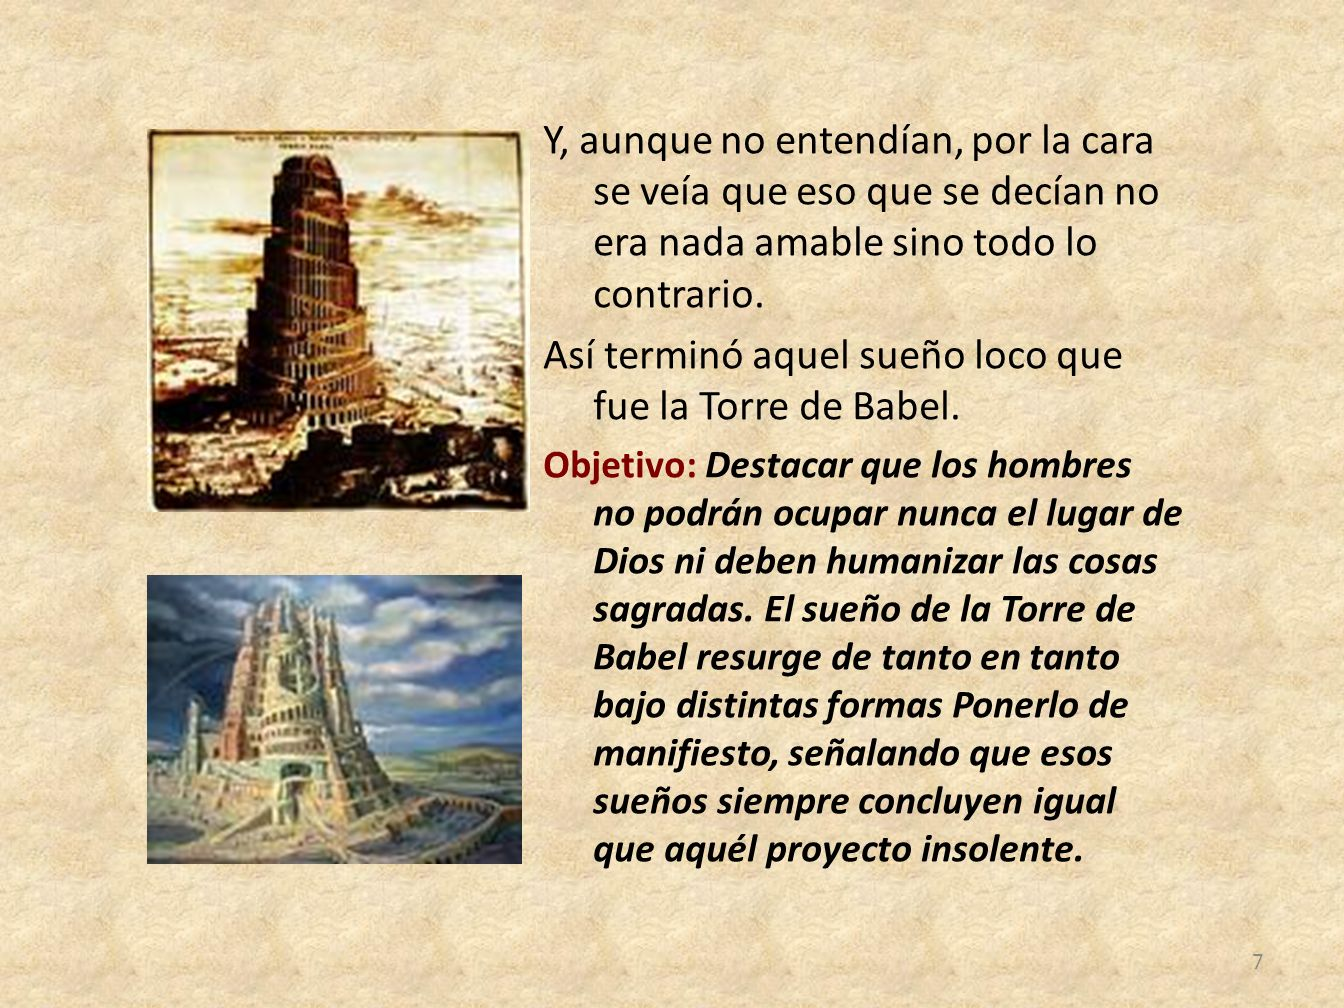 Así terminó aquel sueño loco que fue la Torre de Babel.